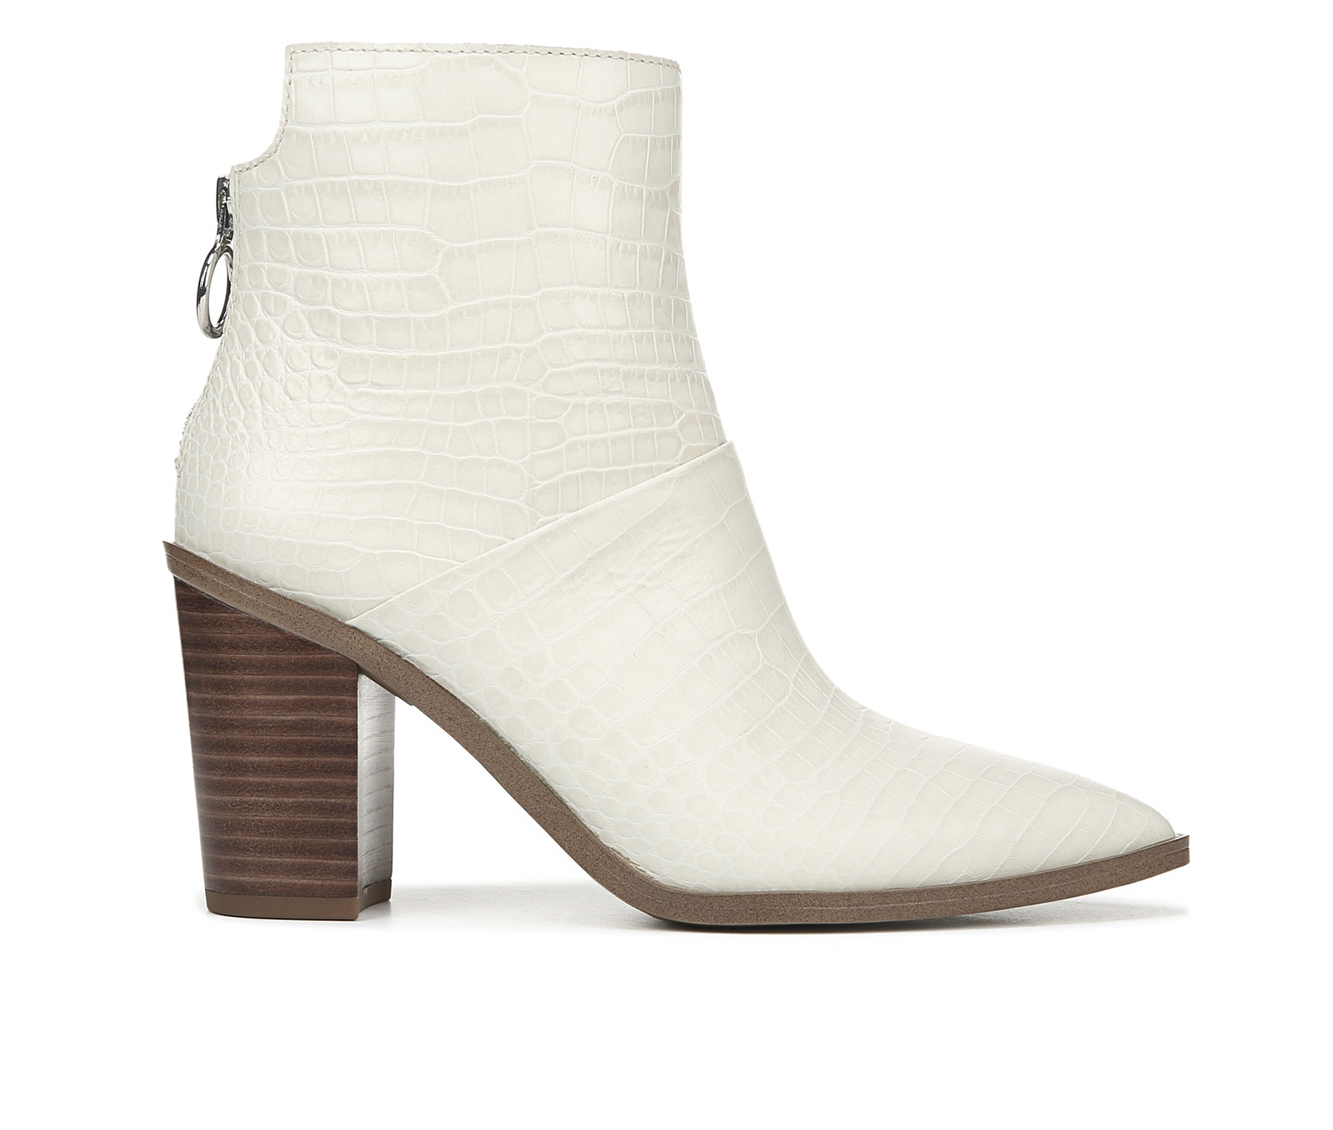 Franco Sarto Mack Women's Boot (White Leather)